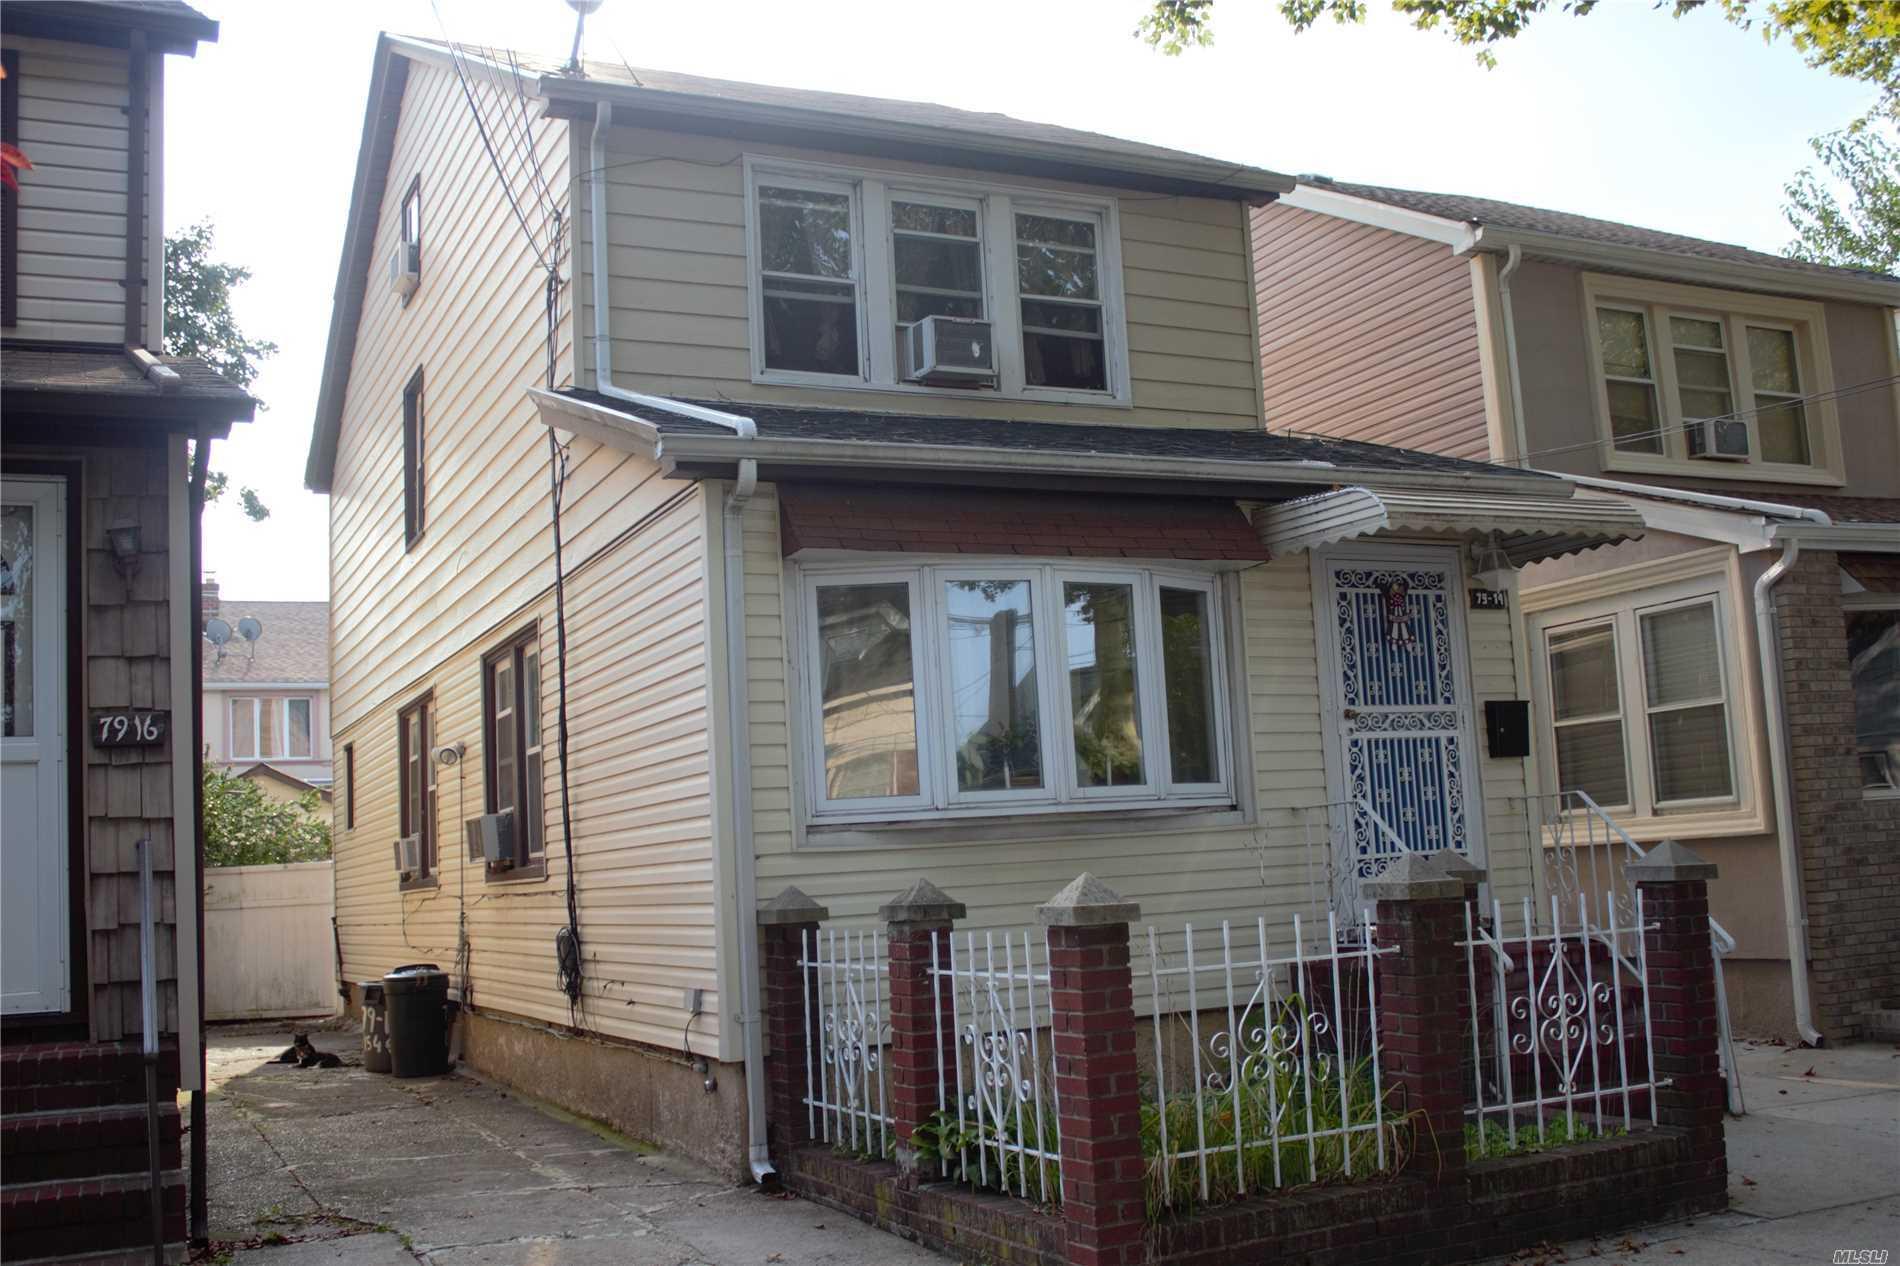 79-14 154th St Kew Garden Hills, NY 11367